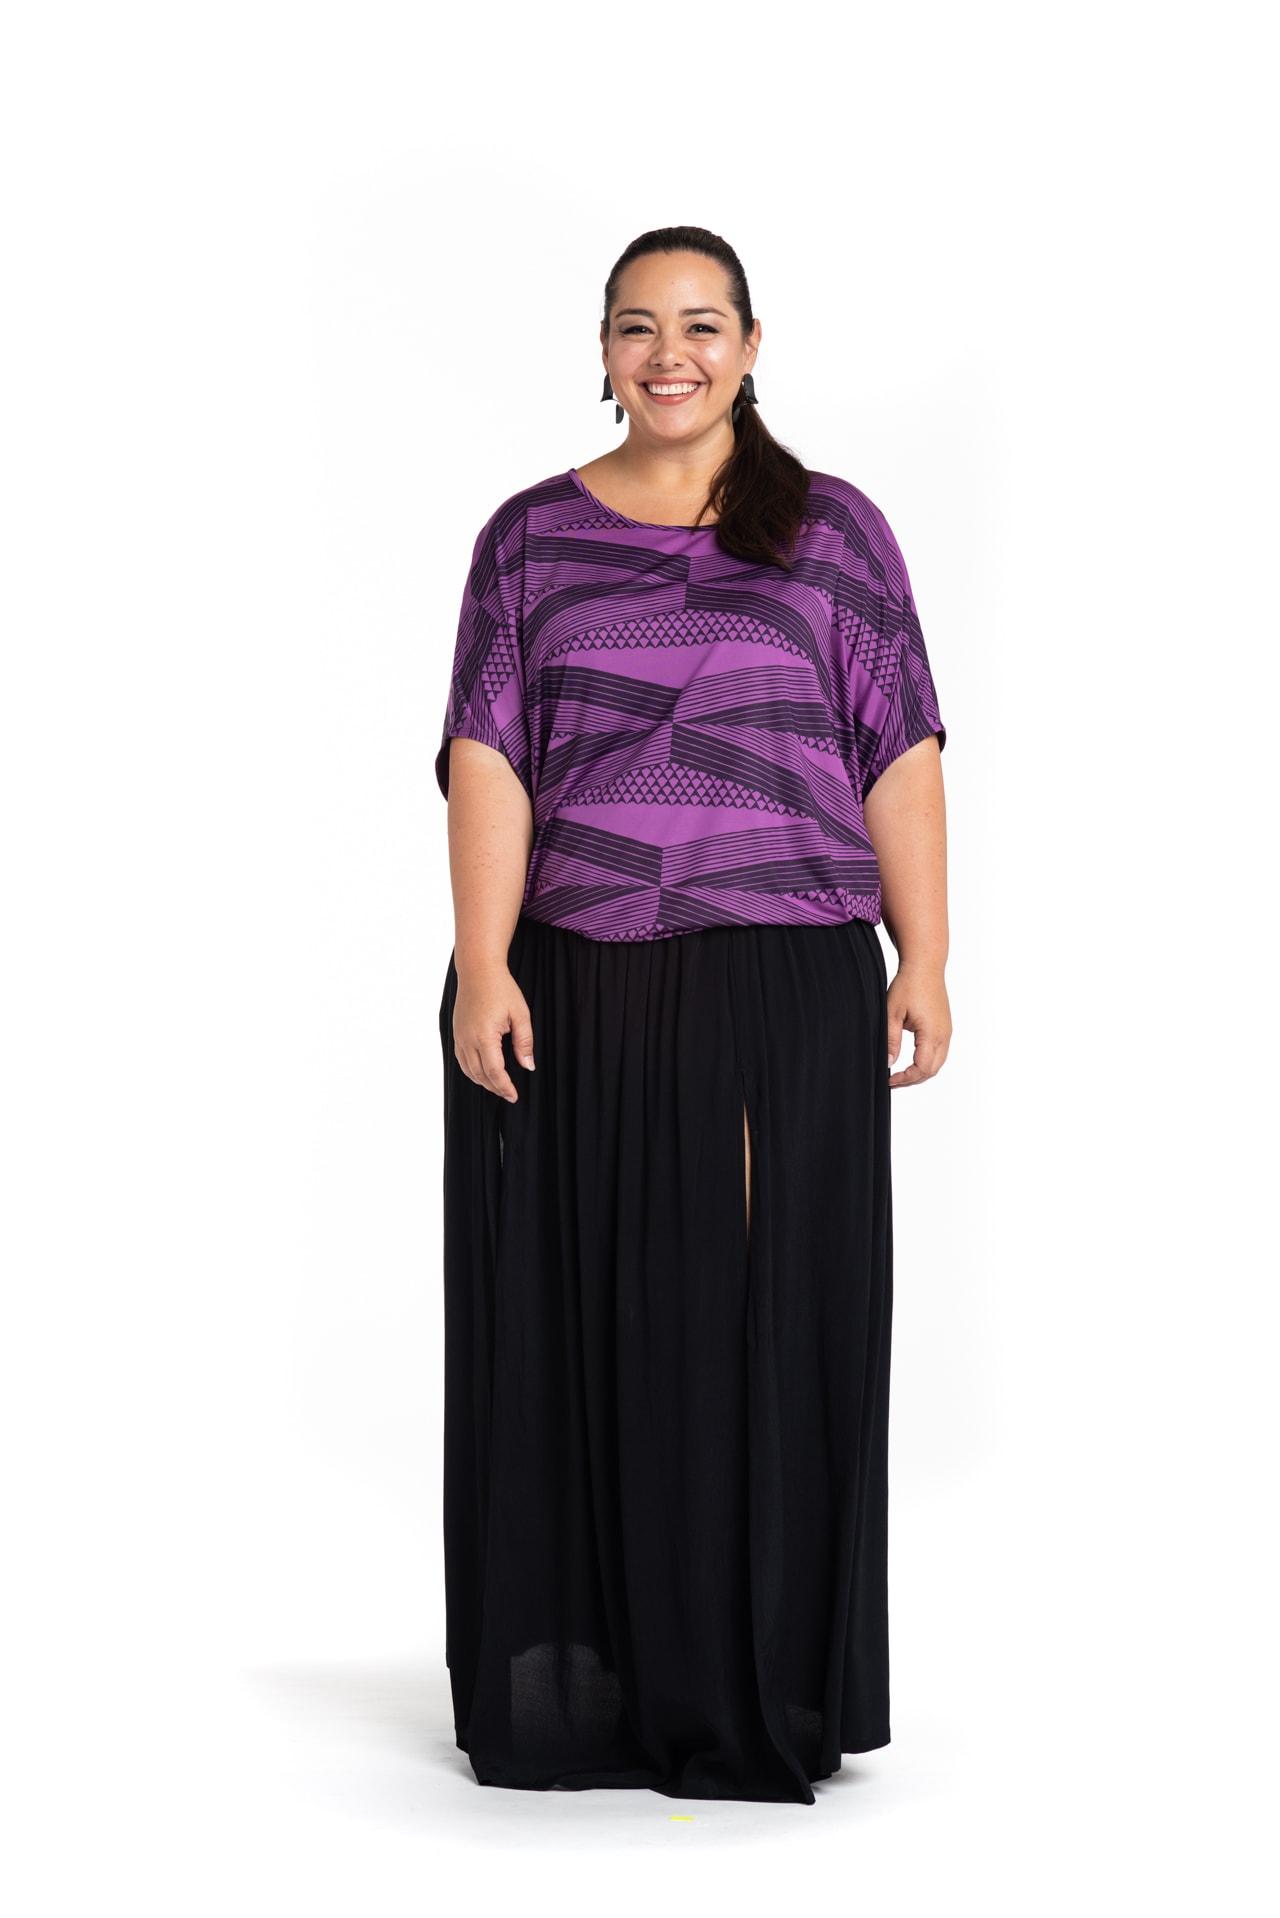 Model wearing Kealoha Top in Purple - Front View